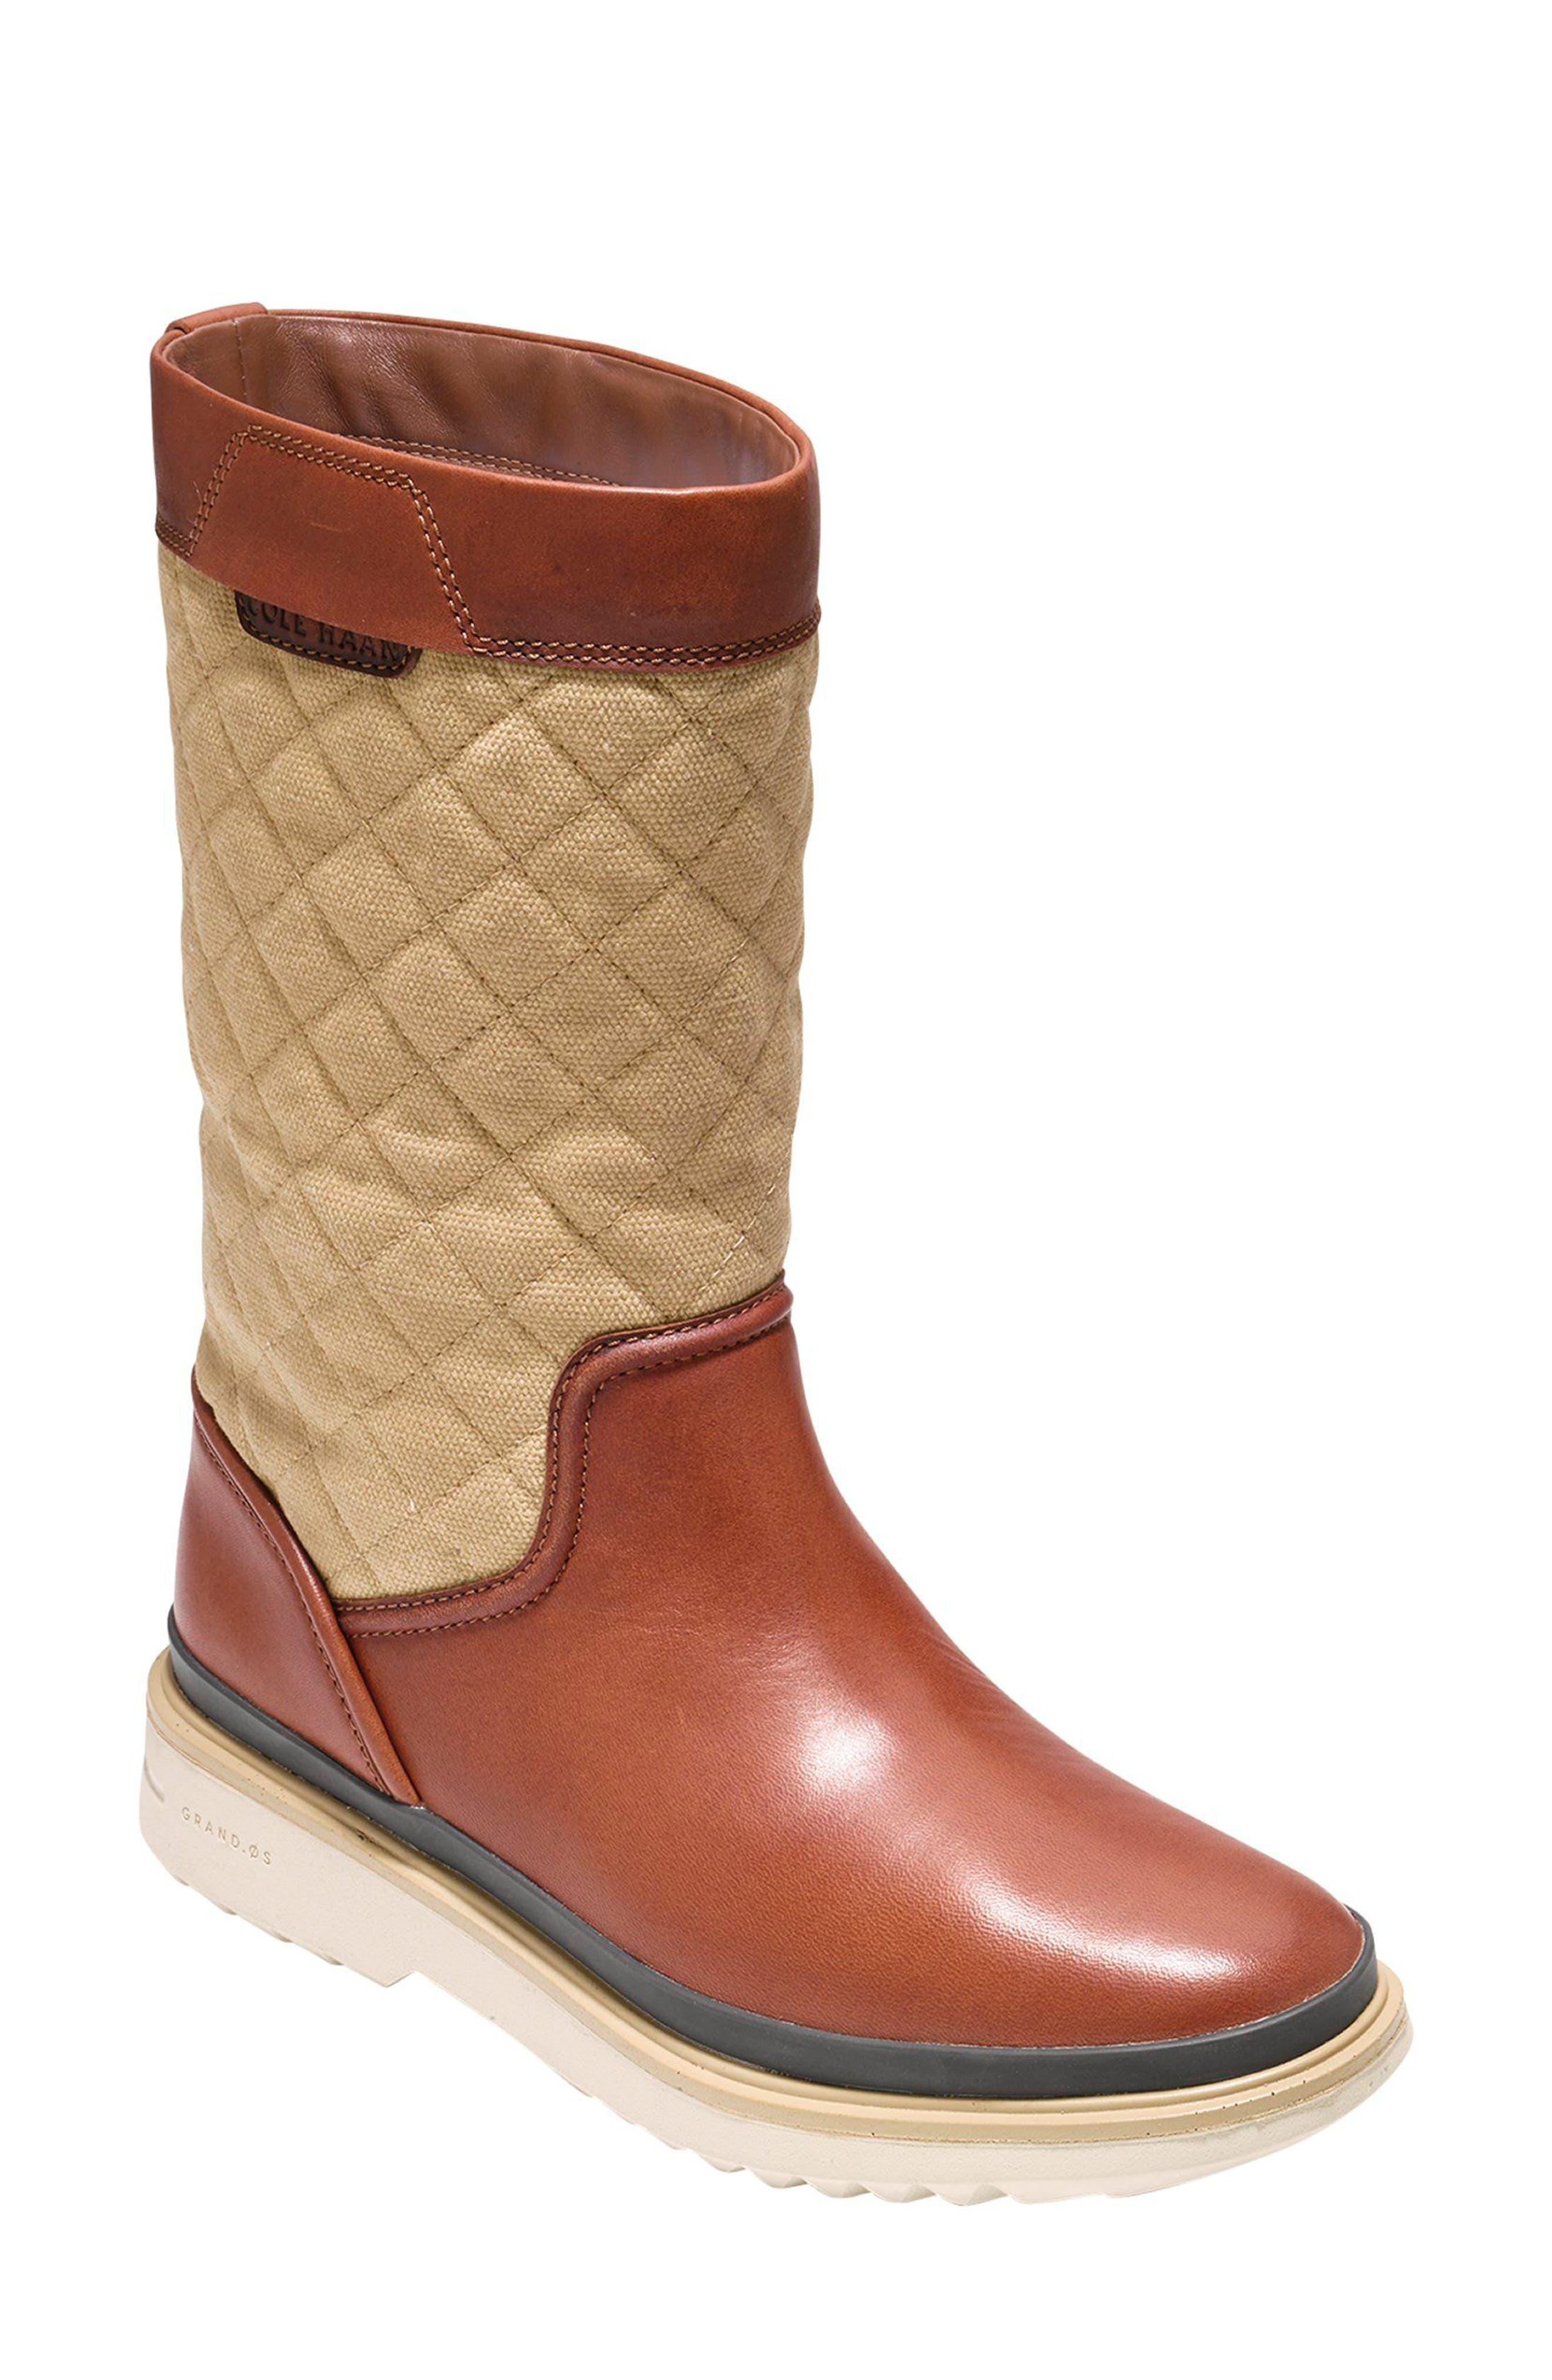 Alternate Image 1 Selected - Cole Haan Millbridge Waterproof Boot (Women)